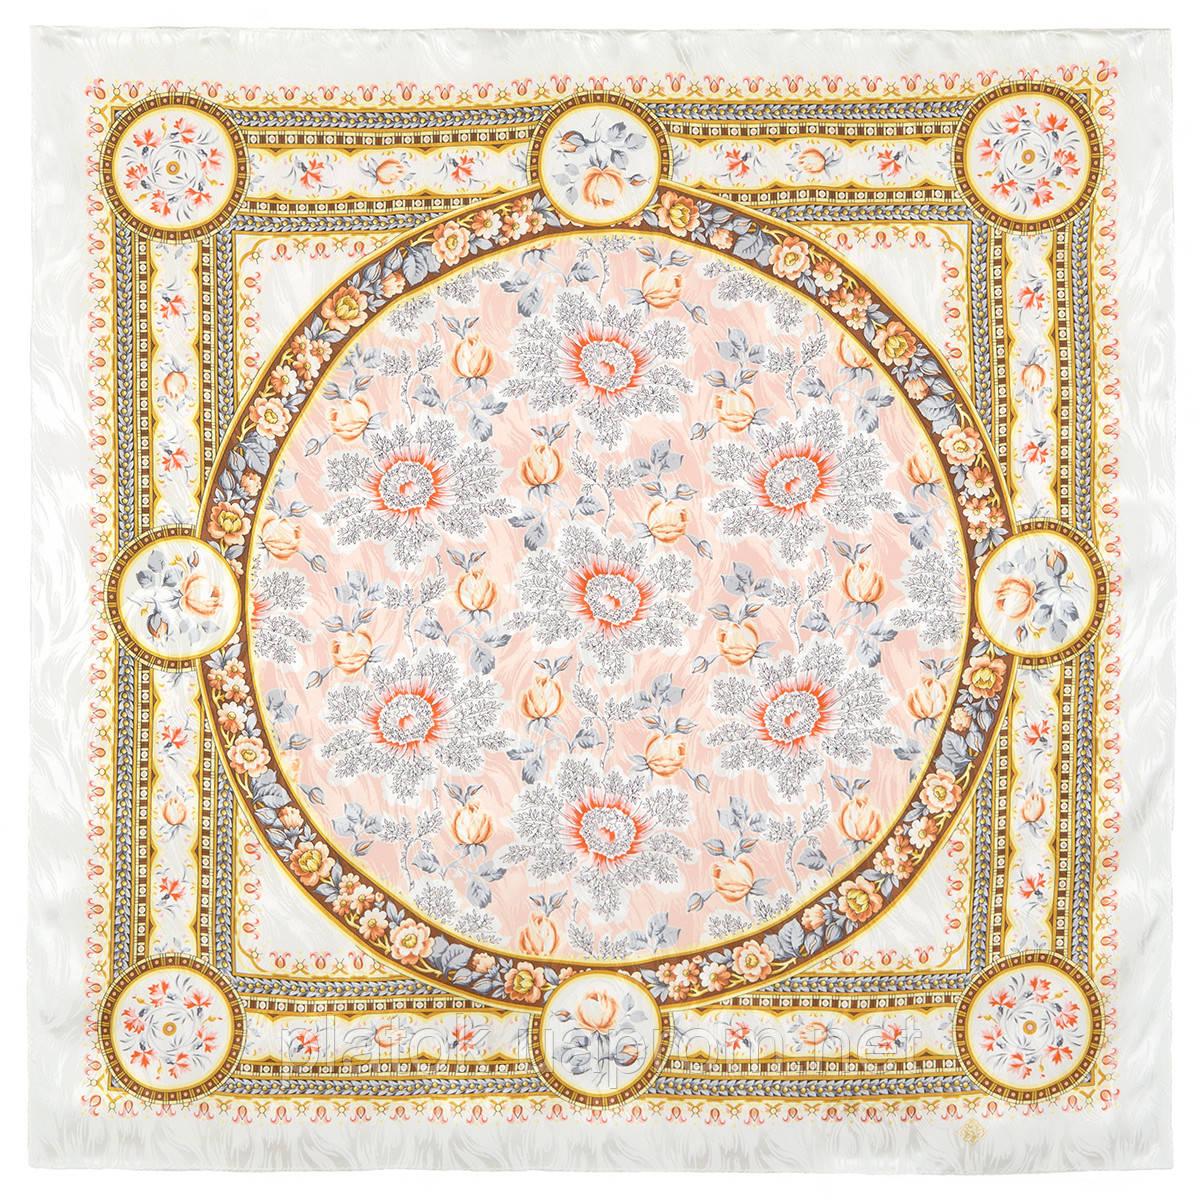 Северные цветы 736-2, павлопосадский платок (жаккард) шелковый с подрубкой